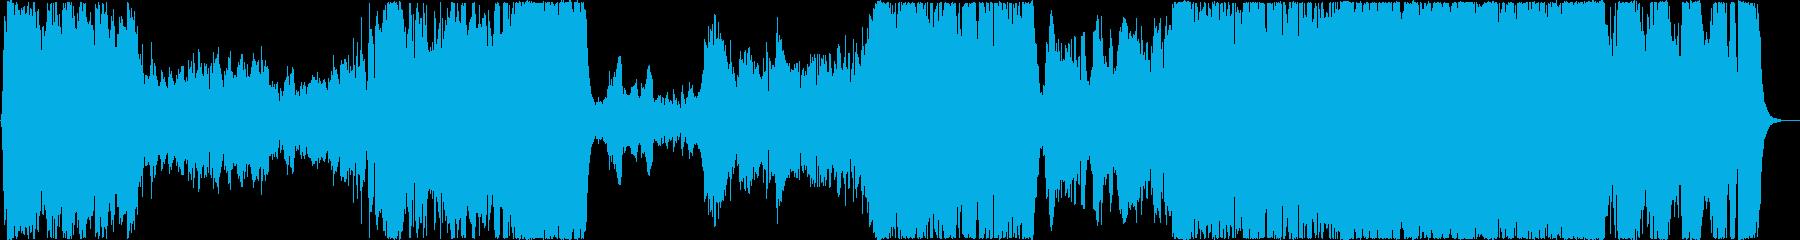 壮大でカッコイイOPオーケストラの再生済みの波形